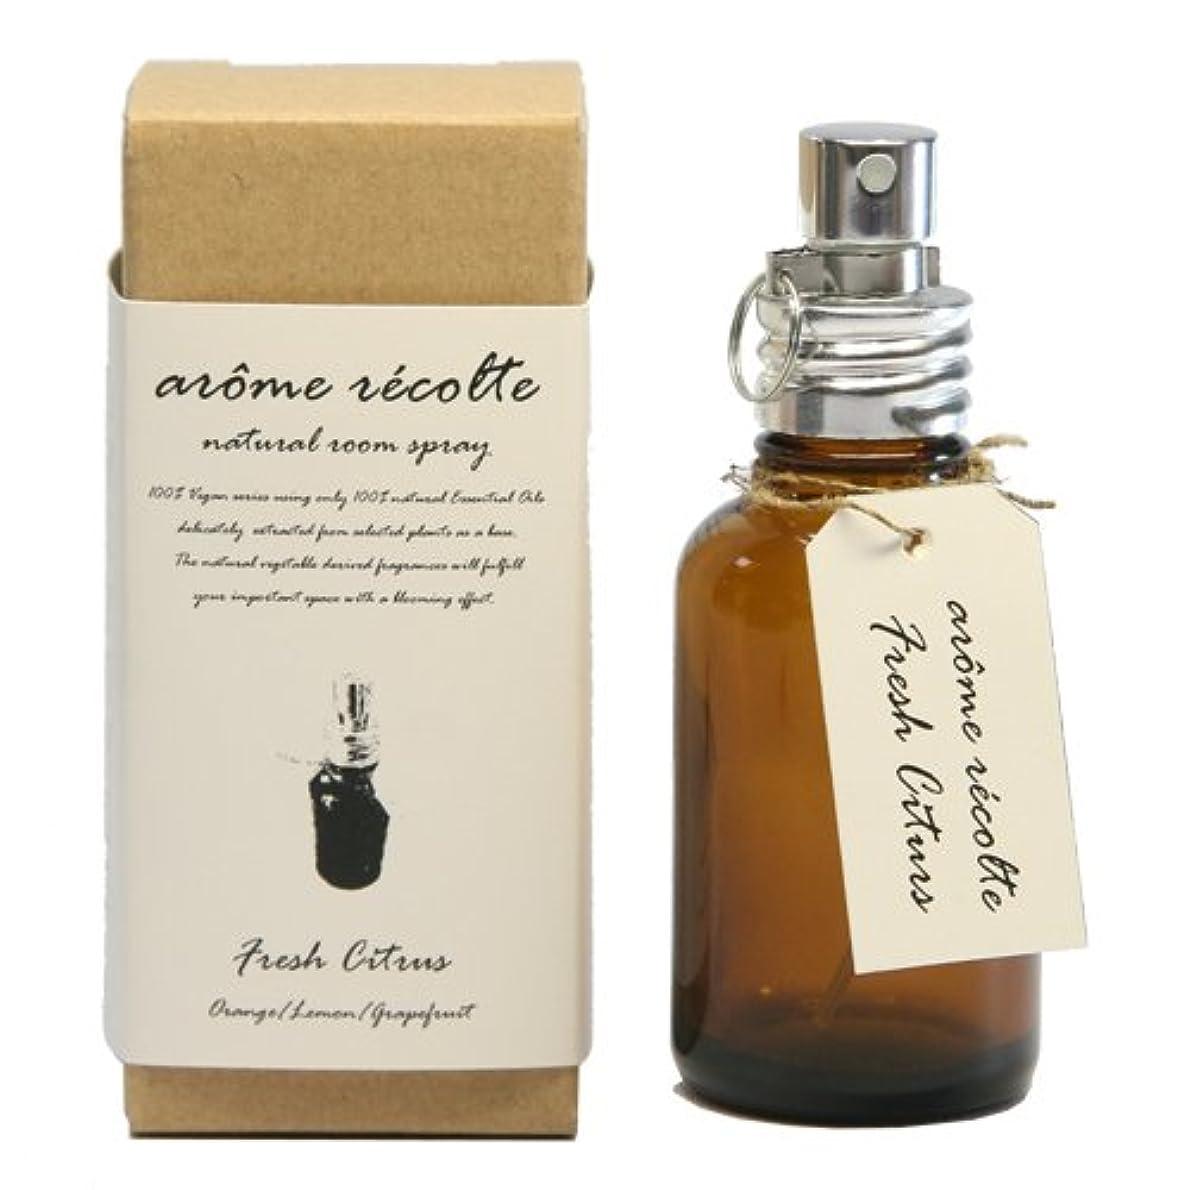 物理的に知覚するラボアロマレコルト ナチュラルルームスプレー  フレッシュシトラス【Fresh Citurs】 arome rcolte